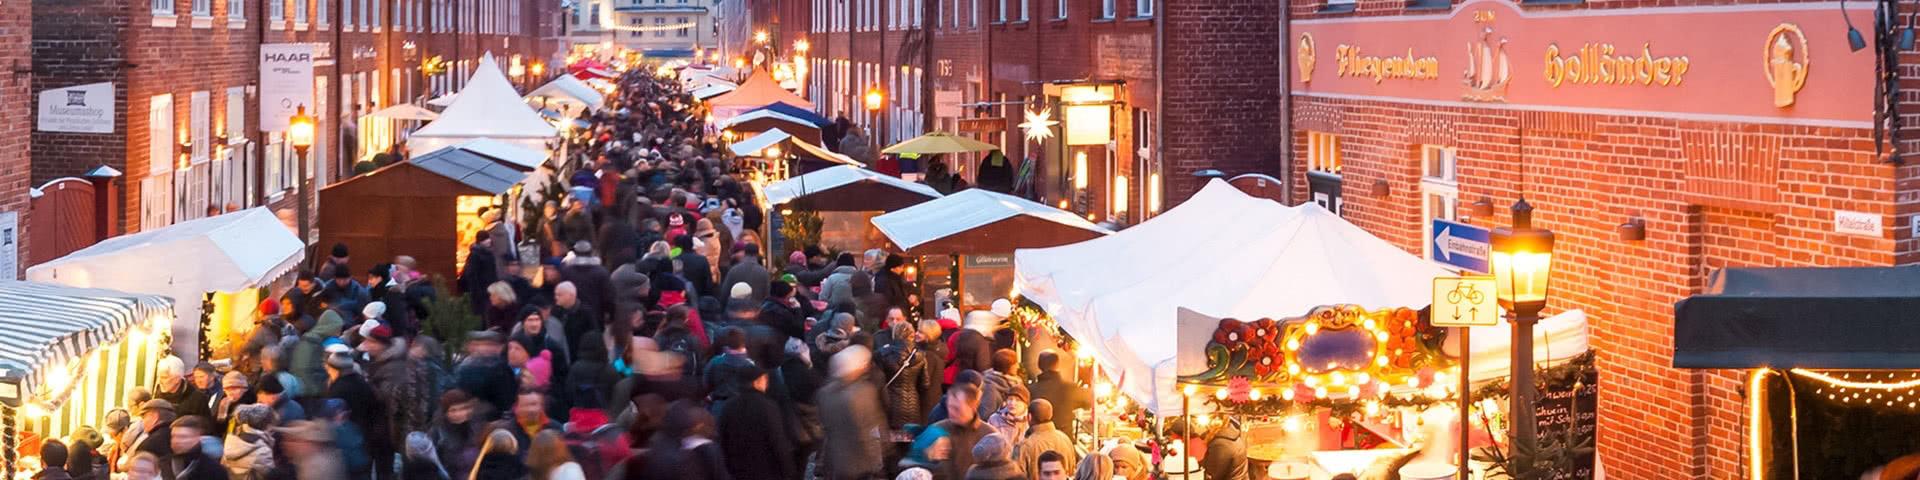 Belebter Weihnachtsmarkt in Potsdam